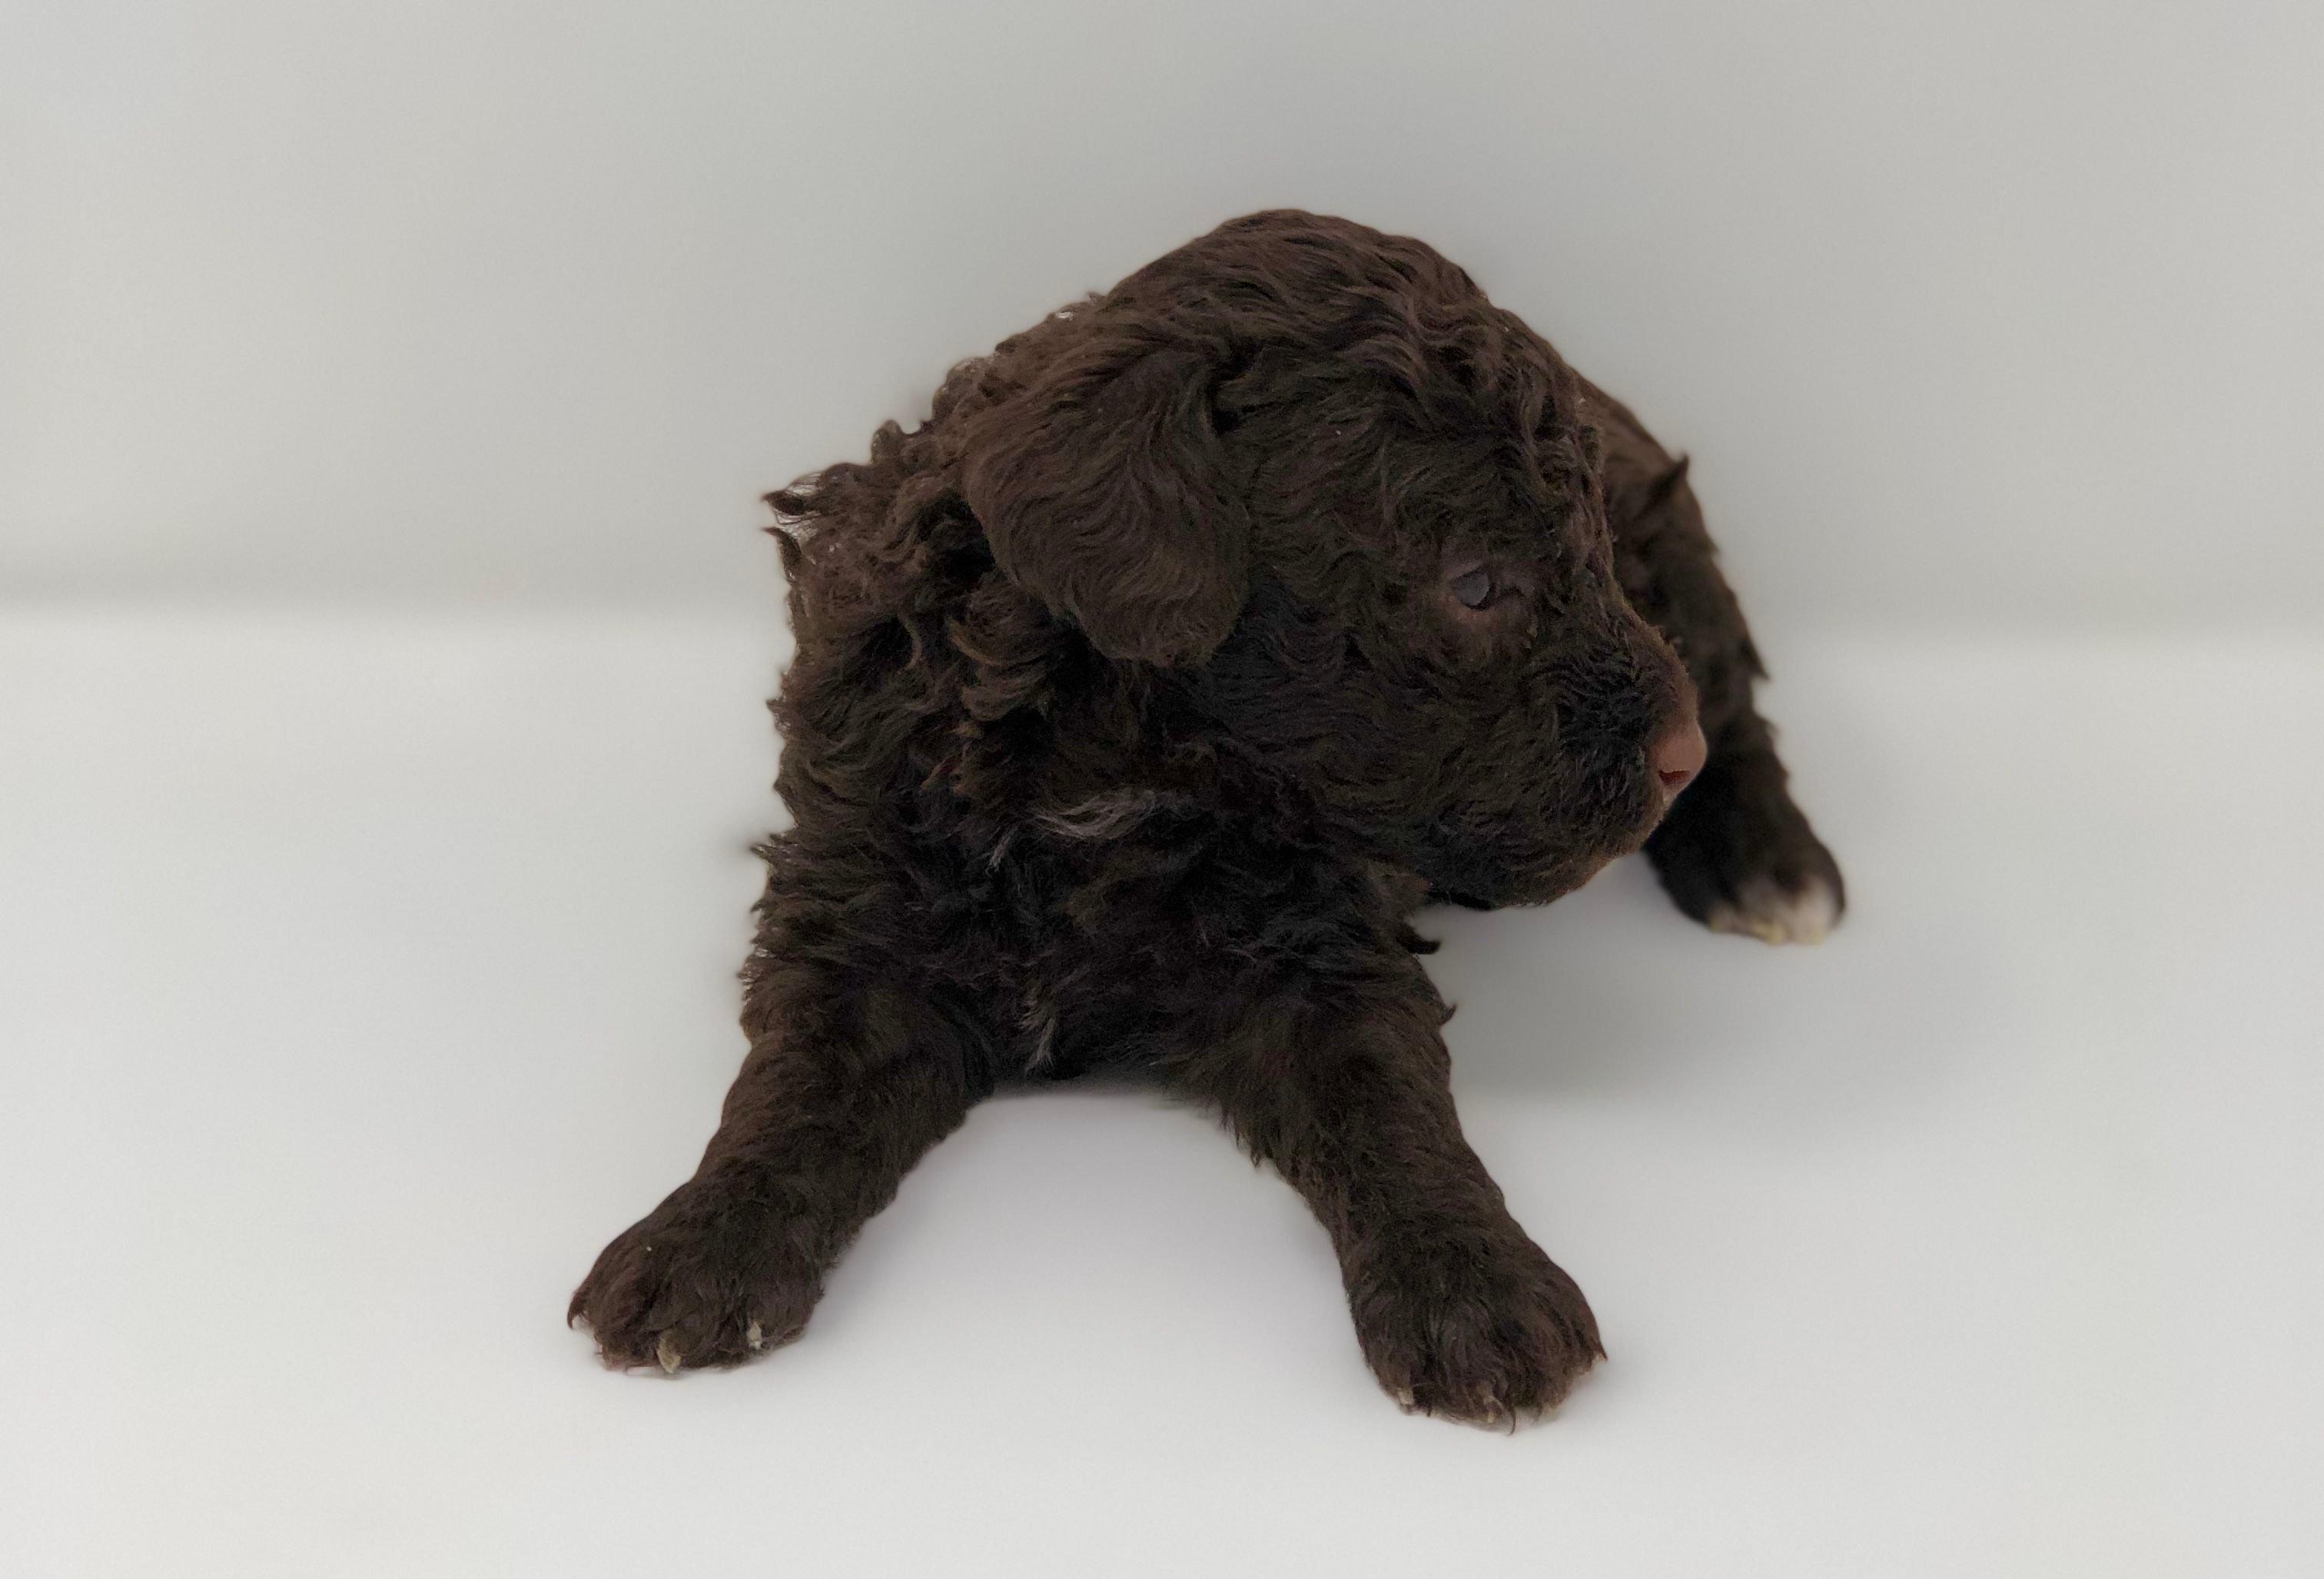 Mini Goldendoodle puppies image 1